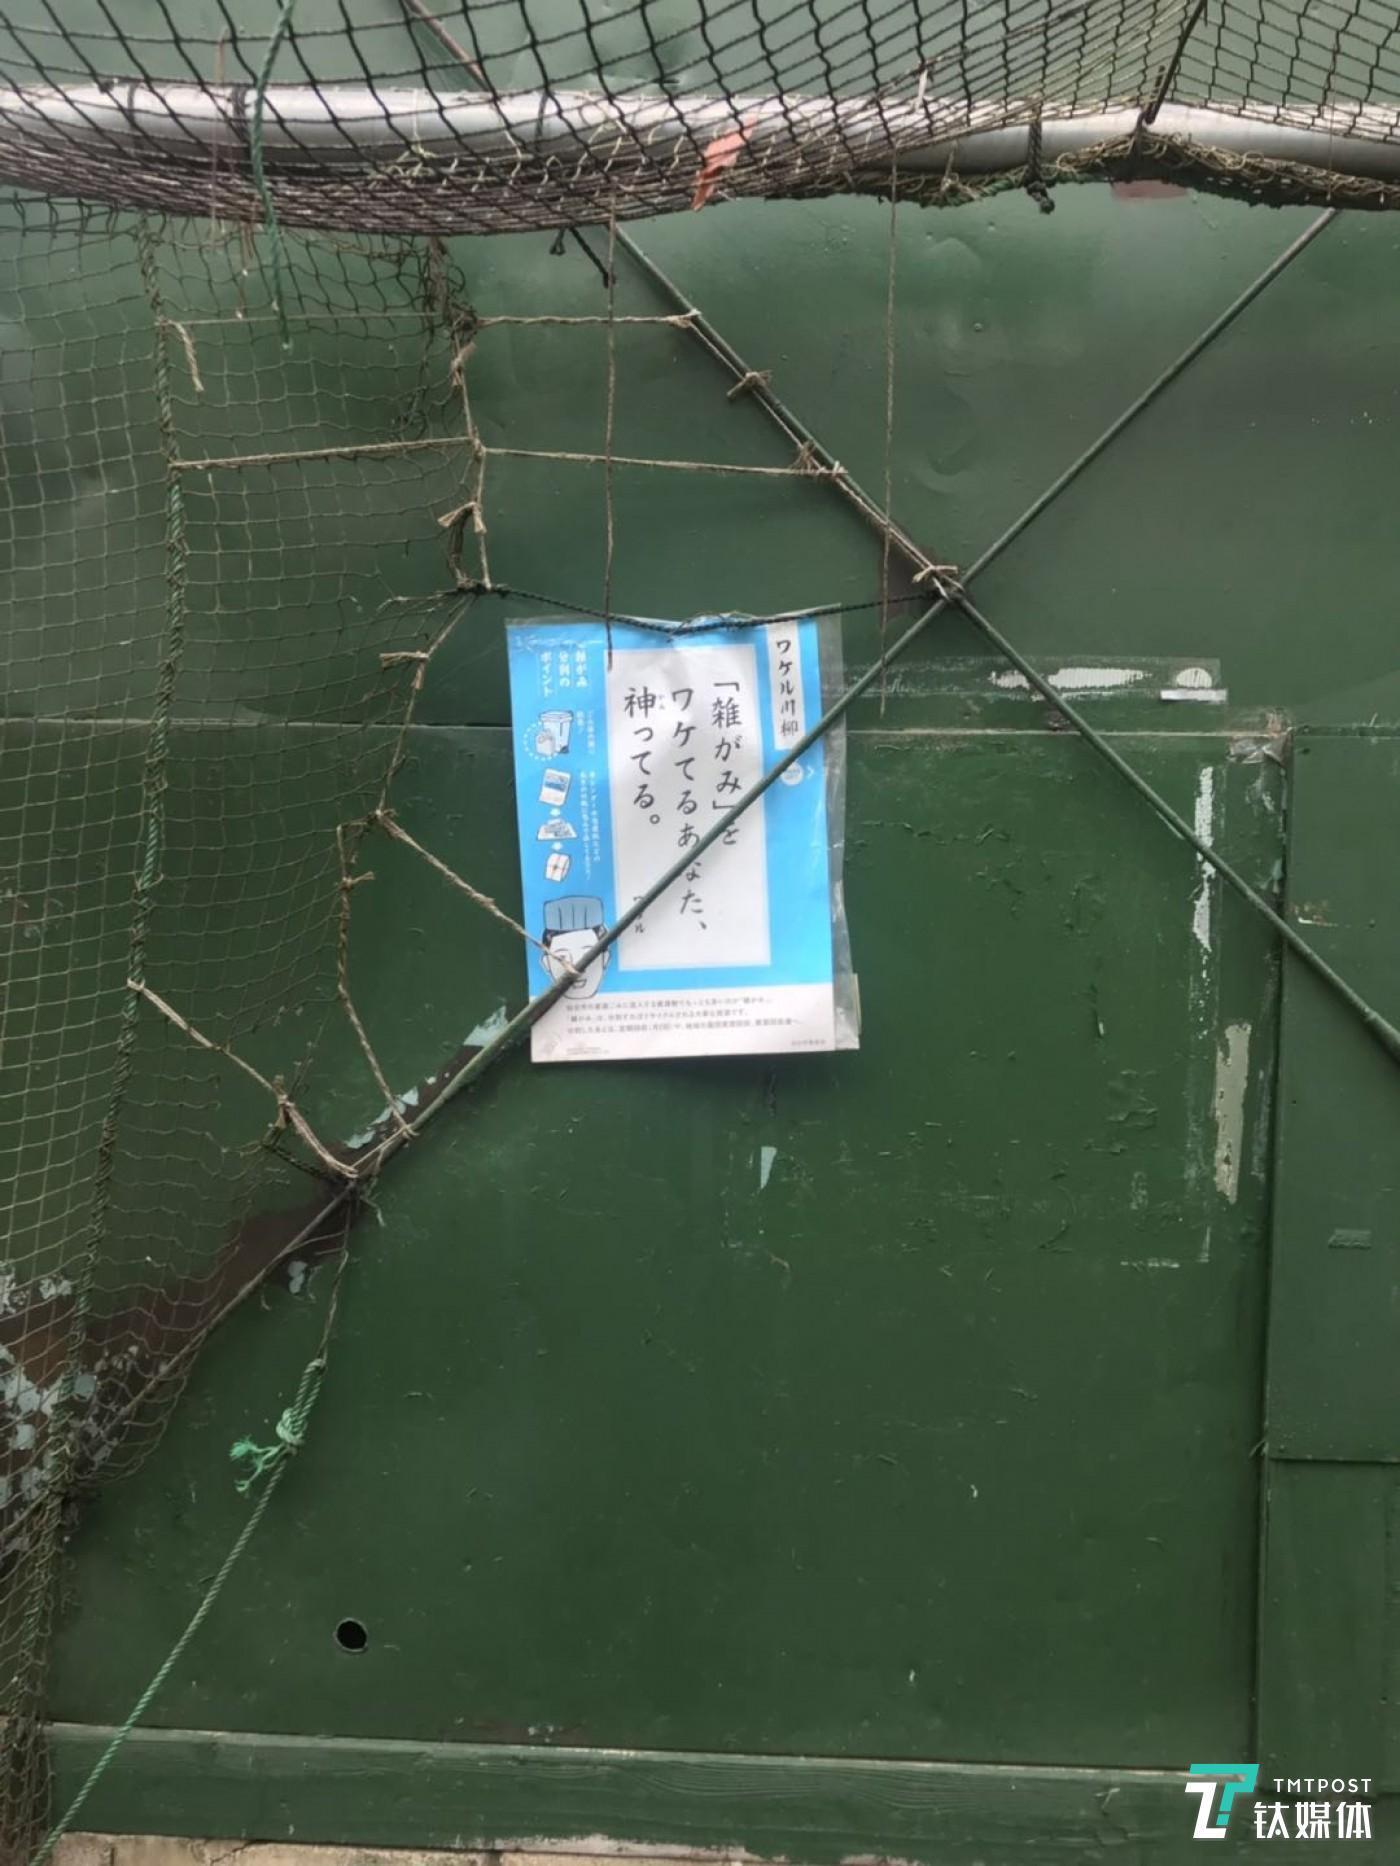 日本街头随处可见的环保宣传卡片(拍摄/百人牛牛驻日记者,玉琴)